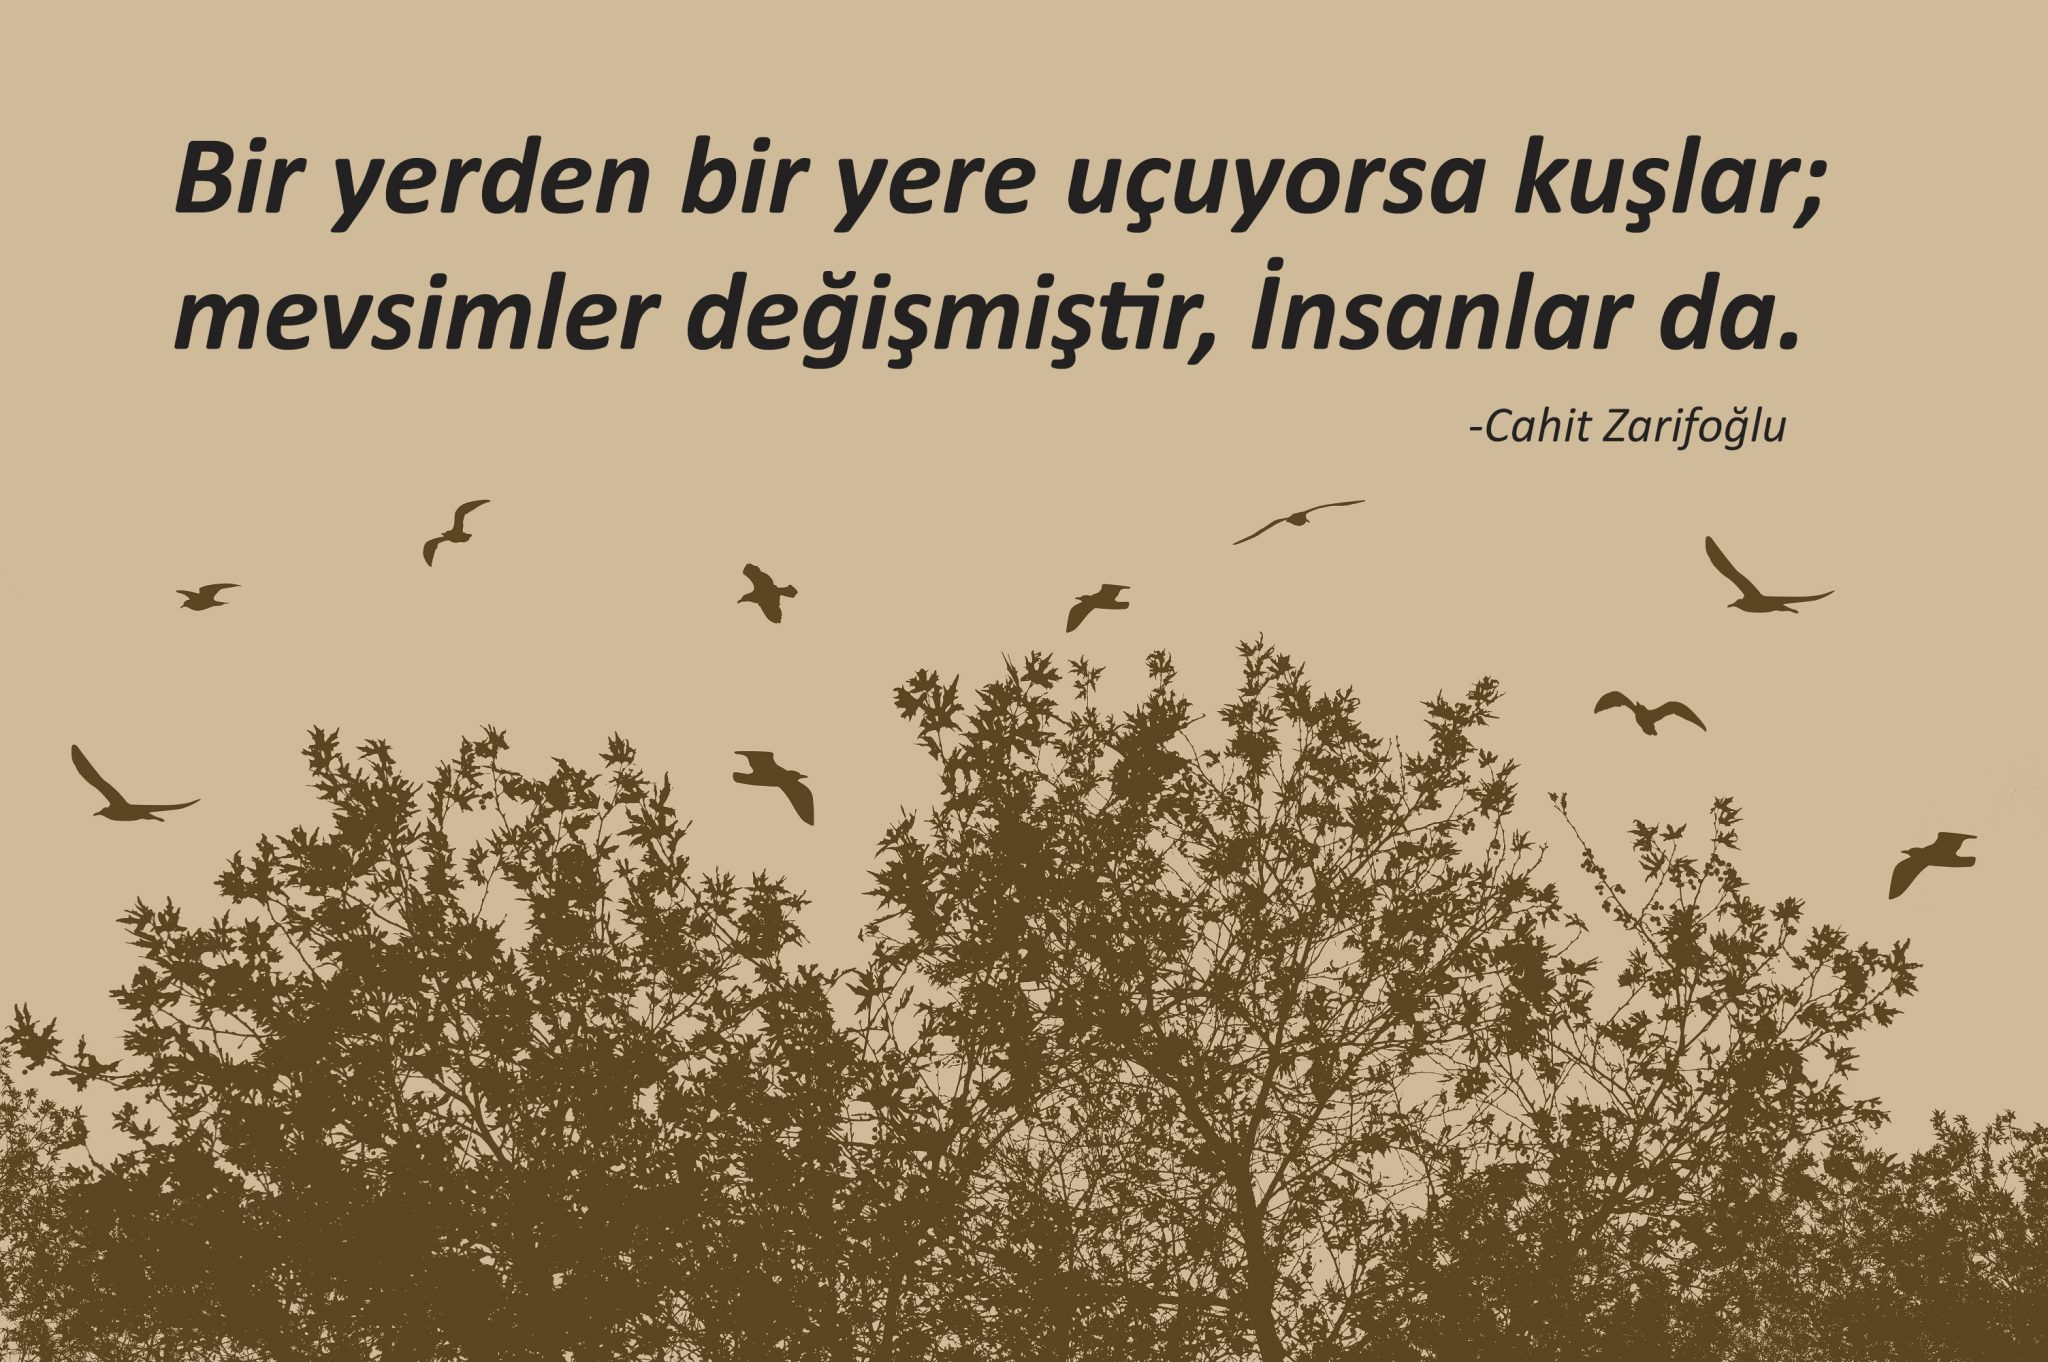 Cahit Zarifoğlu mevsimler